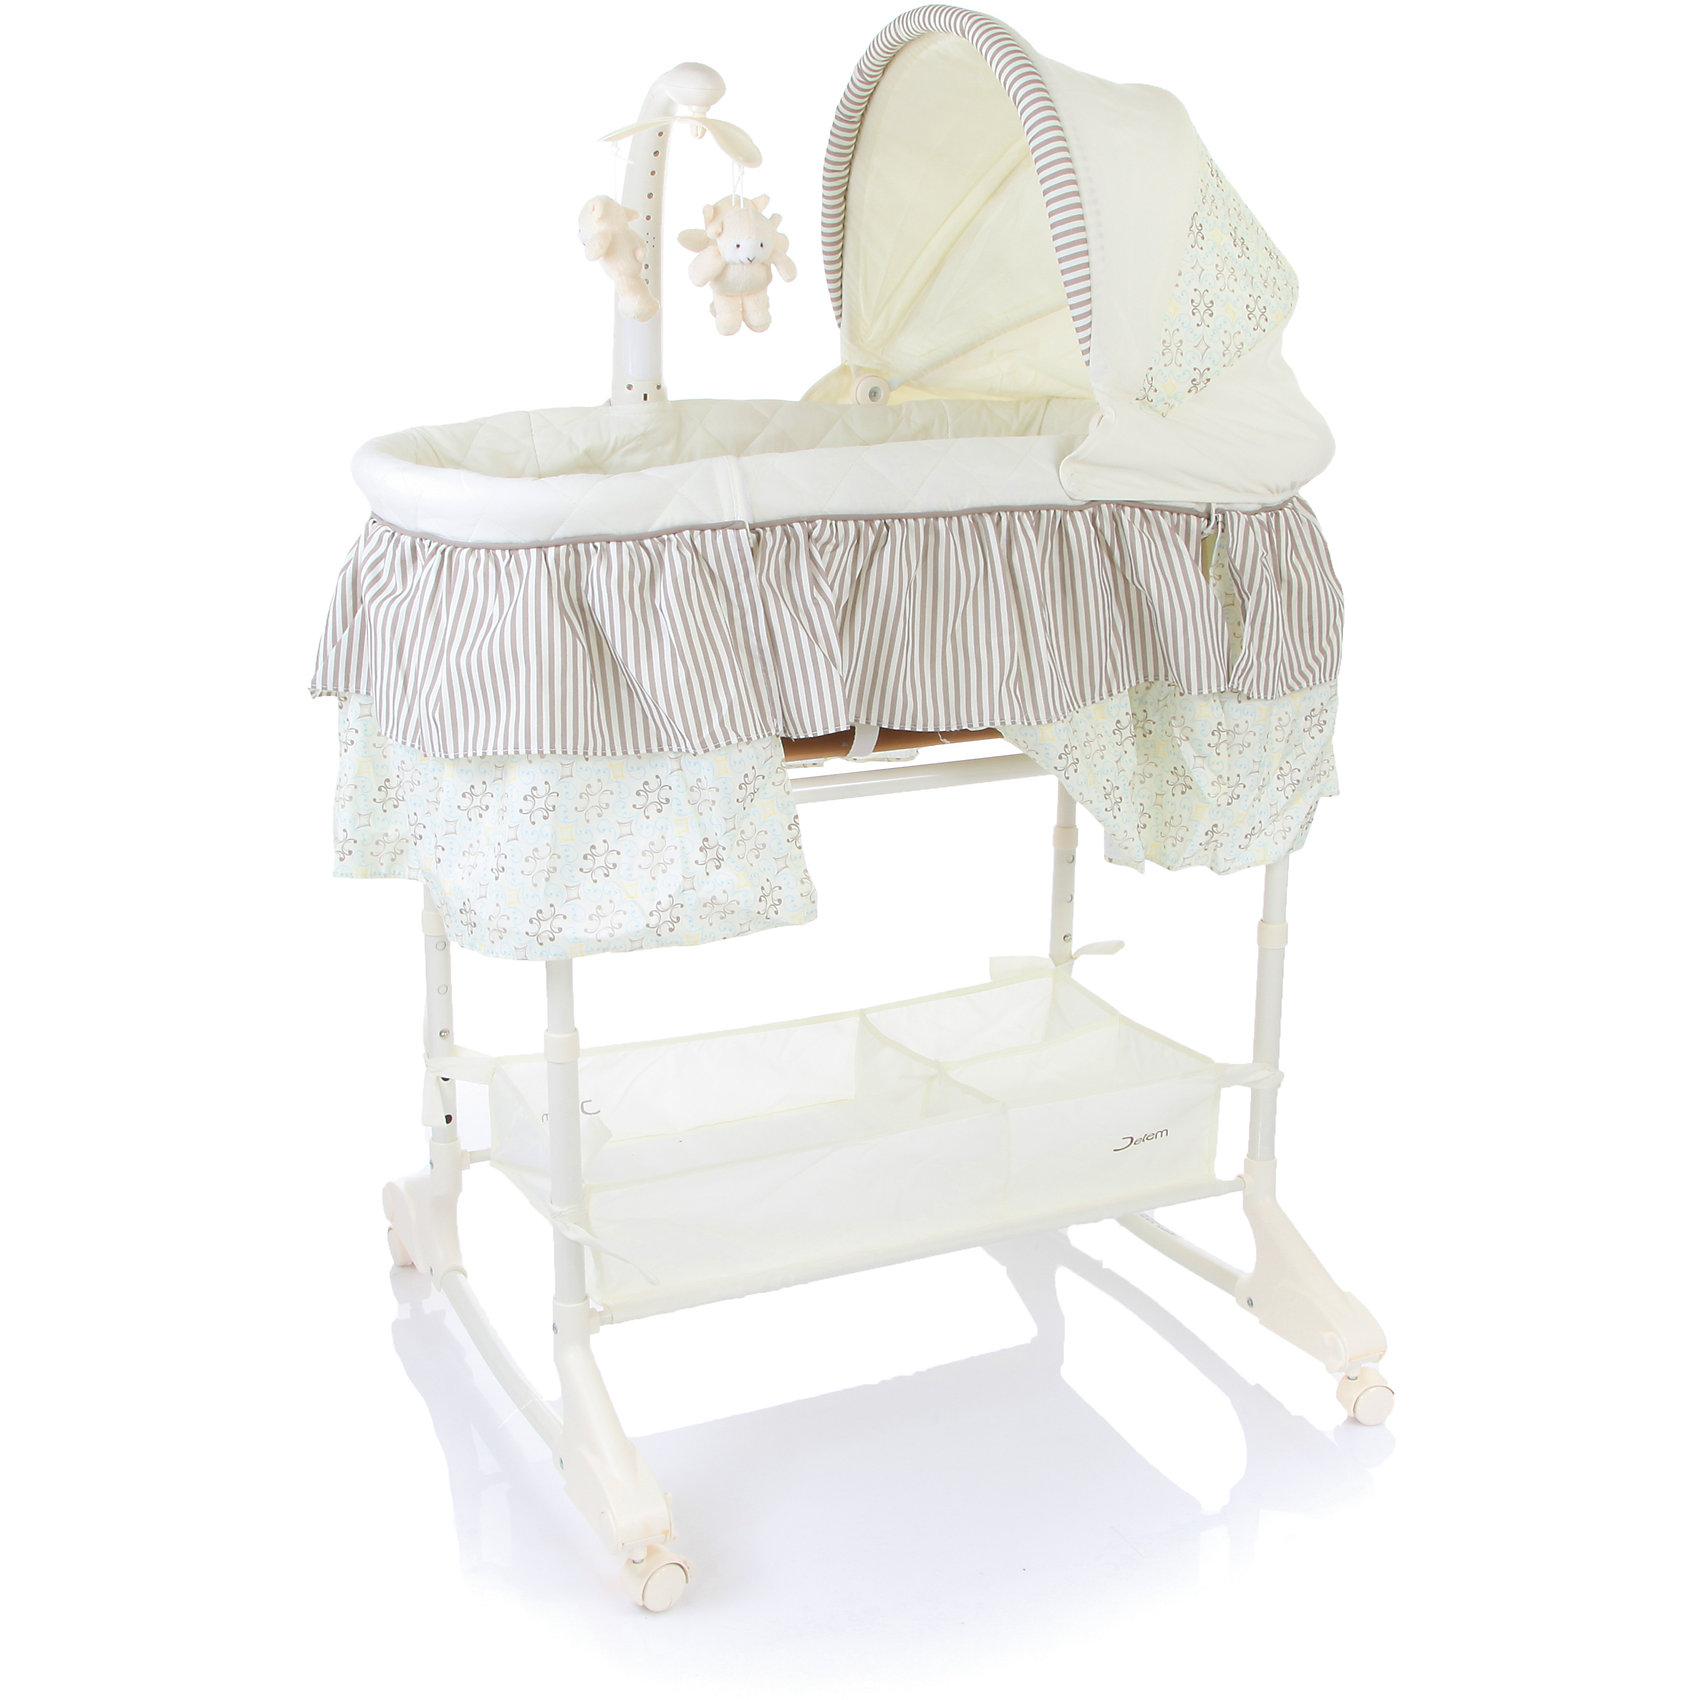 Кроватка-люлька Sweet Dream, Jetem, серыйИдеи подарков<br>Sweet Dream Jetem (Жетем) - это настоящее уютное гнездышко для малыша и возможность комфортно и спокойно выспаться для мамы. Люлька специально предназначена, чтобы малыш был максимально доступен во время ночных кормлений. Откидной бортик поможет не вставая с кровати иметь доступ к малышу. Вы легко сможете подобрать необходимую высоту люльки, чтобы она идеально подходила к высоте родительской кровати и при необходимости закрепить люльку ремнями. Кроватка - люлька очень мобильная благодаря колесам, которые при необходимости можно снять. Кроватка-люлька расширенной комплектации имеет все необходимое, чтобы развлечь малыша когда он бодрствует или подготовить ко сну: съемный пульт управления, модуль с игрушками на карусели, виброблок, ночник, музыкальный блок. Кроме того на люльку можно закрепить съемный капор. Мам порадует также и то, что под люлькой есть корзинка для всех необходимых принадлежностей.<br><br>Дополнительная информация:<br><br>- В комплекте: кроватка-люлька, виброблок, ночник, мигающие огоньки, музыкальный блок, съемный капор.<br>- Откидные бортики;<br>- Ремень для крепления к родительской кровати;<br>- Регулировка высоты люльки от пола в 5 положениях;<br>- Съемные колеса;<br>- Корзина для необходимых вещей;<br>- Цвет: серый;<br>- Ширина колесной базы: 73 см;<br>- Размер спального места: 40 х 83 см;<br>- Высота от пола до 1 уровня: 60 см, до 5 уровня: 80 см;<br>- Размер колыбели: 80 х 43 х 24 см;<br>- Вес: 3 кг<br><br>Кроватку-люльку  Sweet Dream , Jetem (Жетем), серую можно купить в нашем интернет-магазине.<br><br>Ширина мм: 890<br>Глубина мм: 490<br>Высота мм: 160<br>Вес г: 8000<br>Цвет: серый<br>Возраст от месяцев: 0<br>Возраст до месяцев: 12<br>Пол: Унисекс<br>Возраст: Детский<br>SKU: 4028931